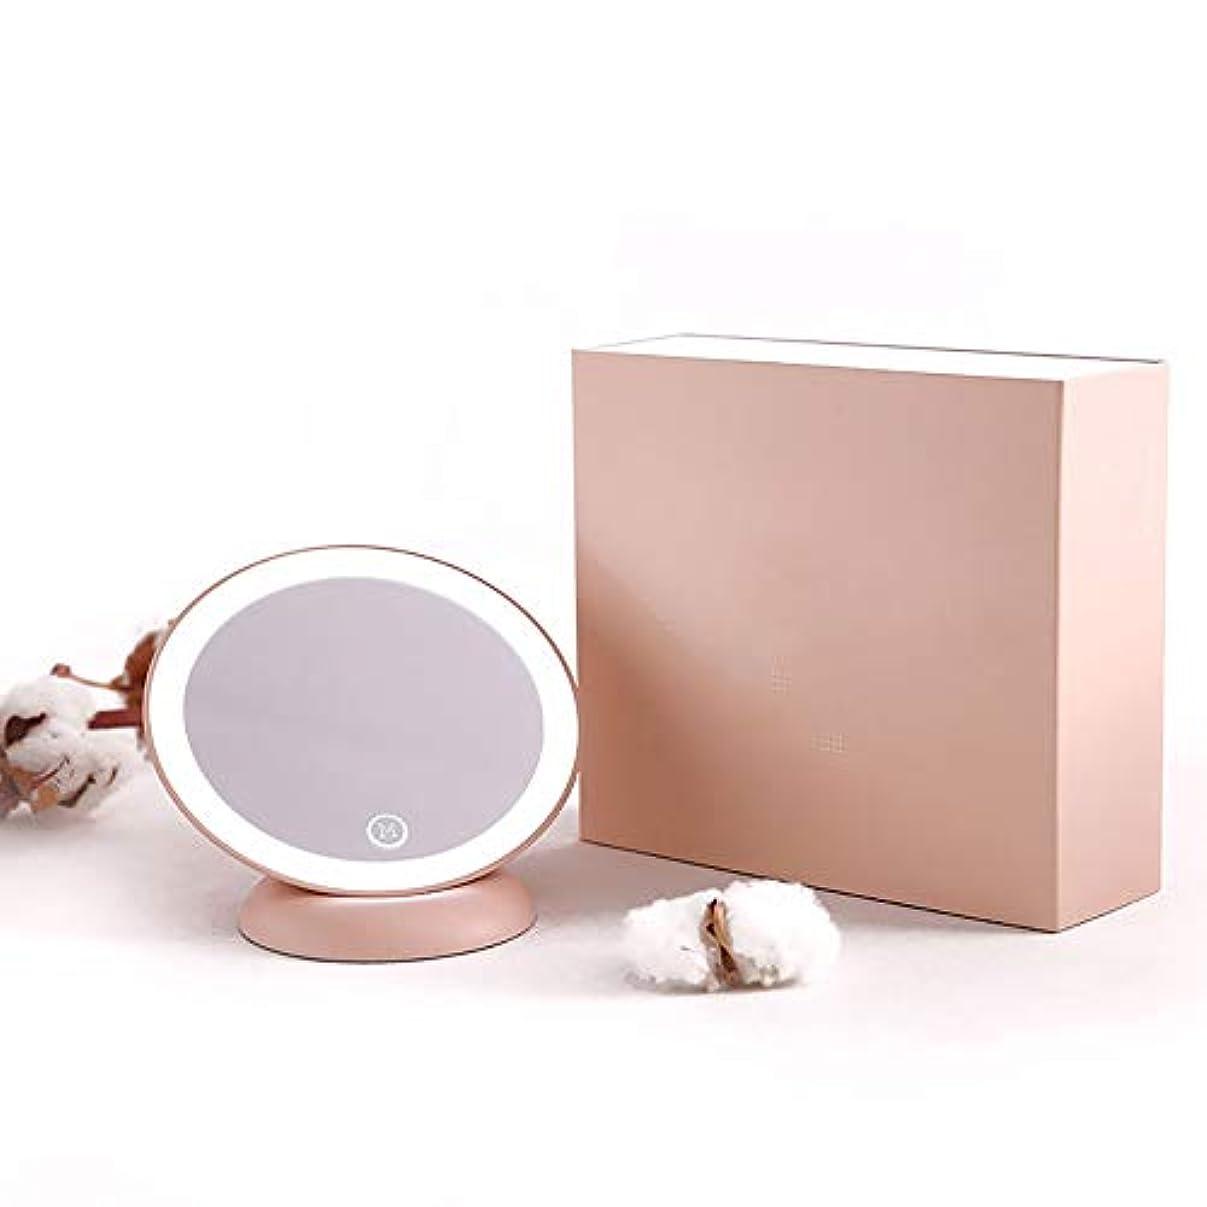 指定する可能にするシード流行の 磁石を運ぶ創造的なライト360度回転ピンク1200mAh化粧鏡